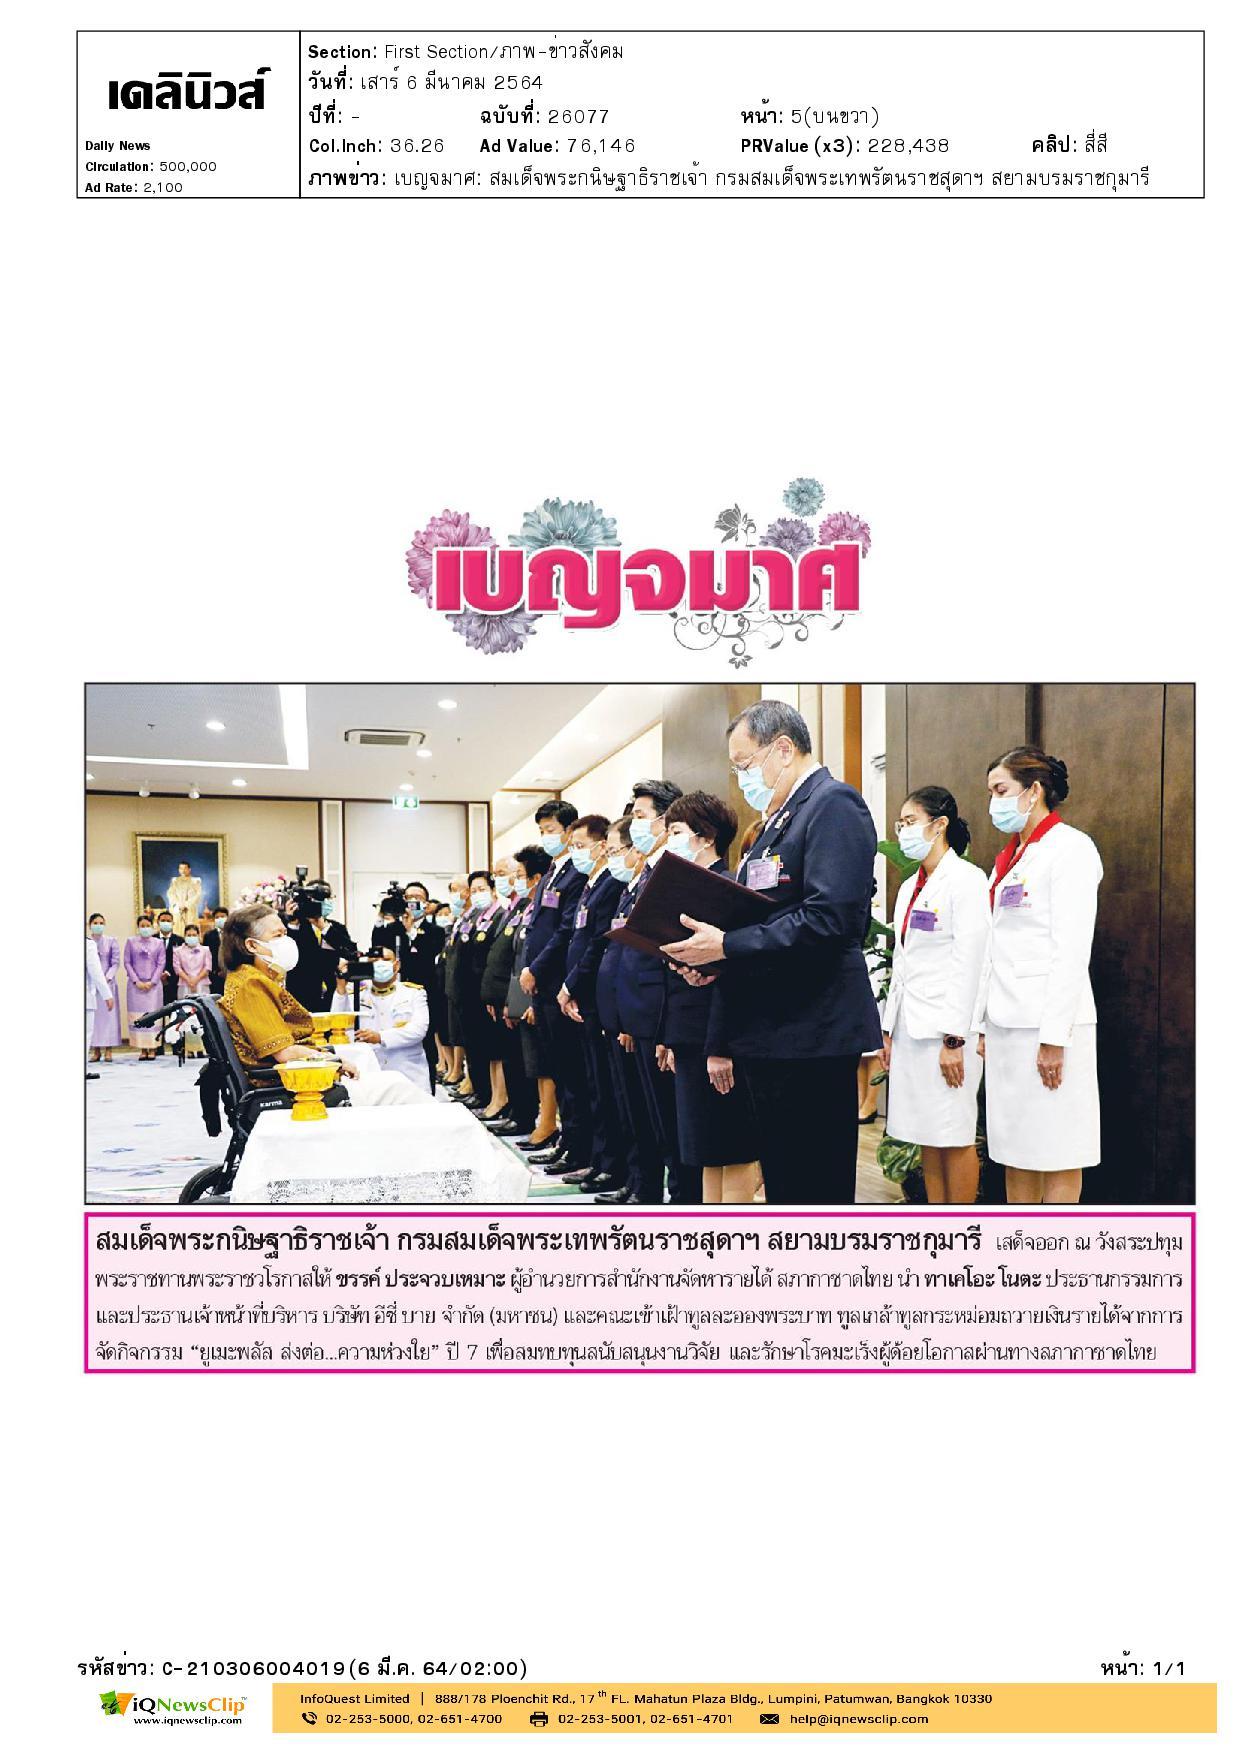 ถวายเงินรายได้จากการจัดกิจกรรม ยูเมะพลัส ส่งต่อความห่วงใย เพื่อสมทบทุนสนับสนุนสภากาชาดไทย